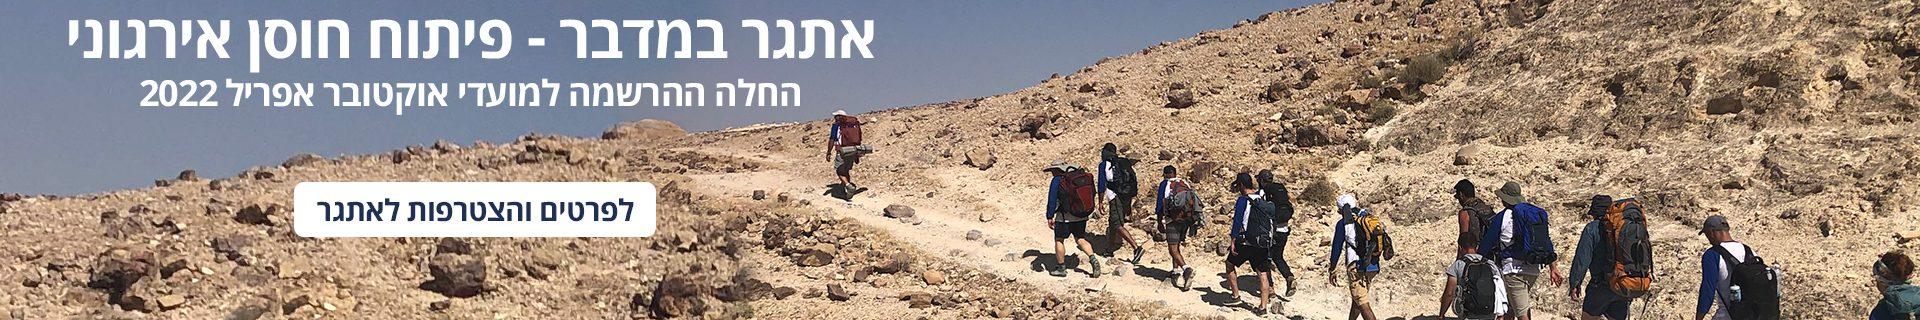 אתגר-במדבר